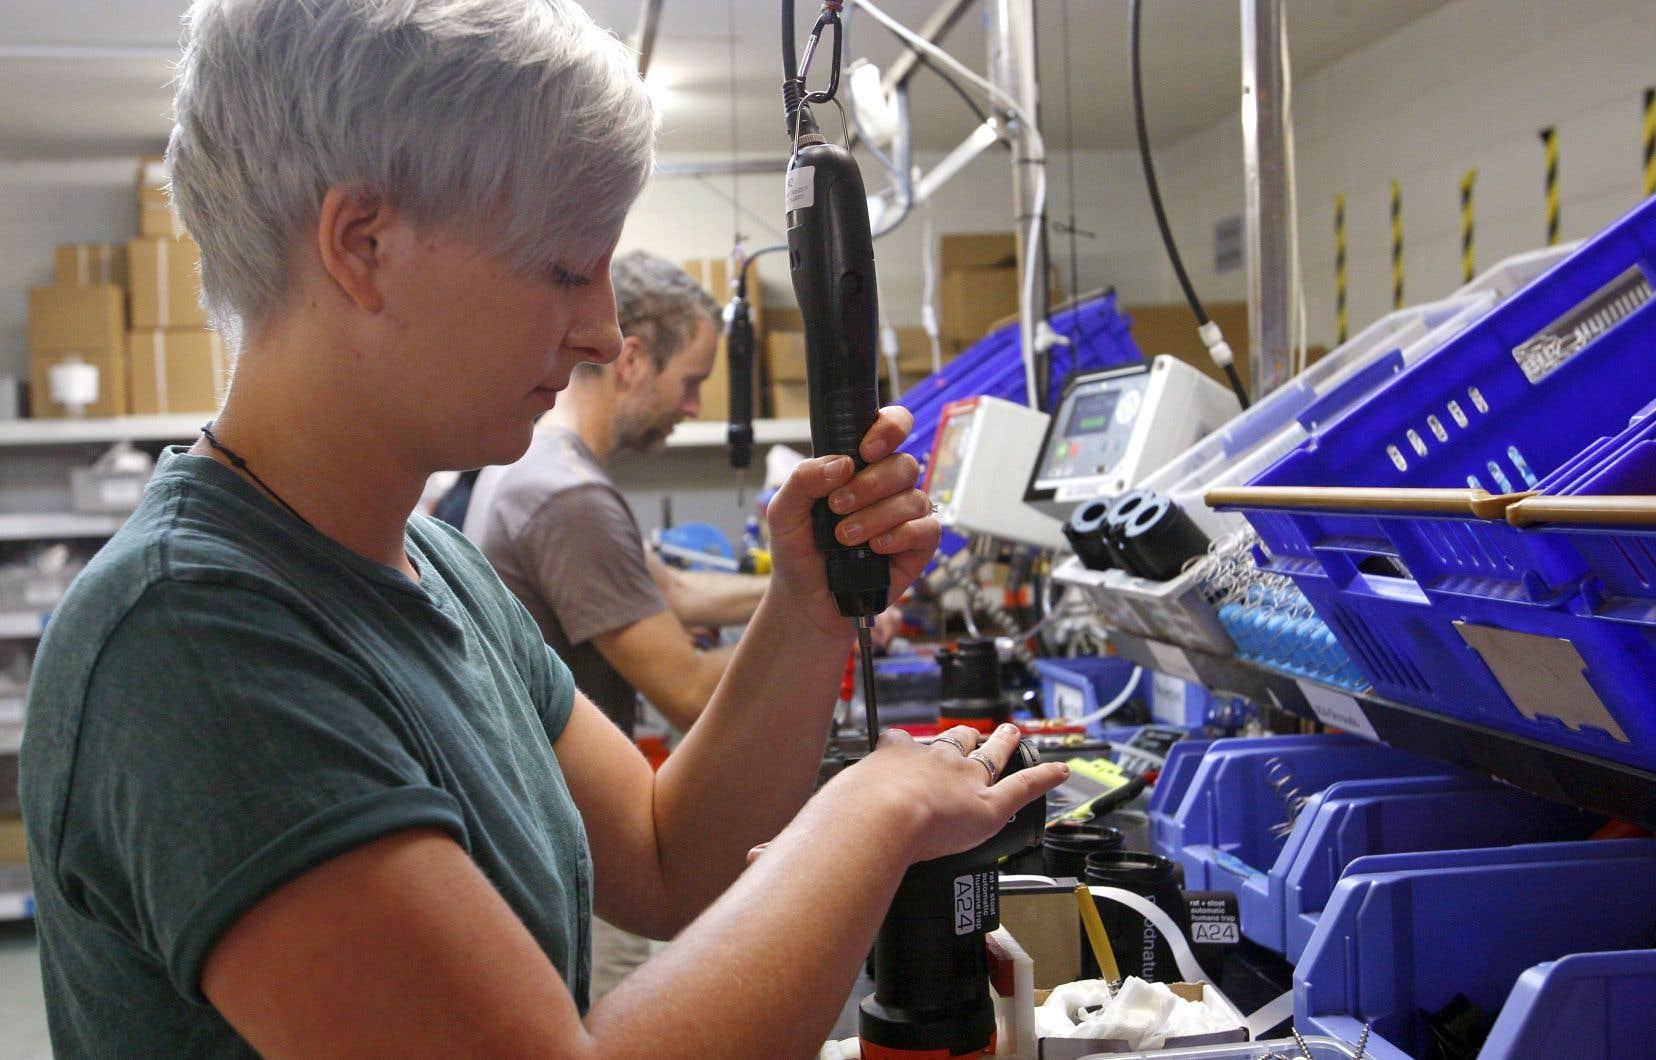 Les femmes occupent seulement 28% des emplois du secteur manufacturier au pays.